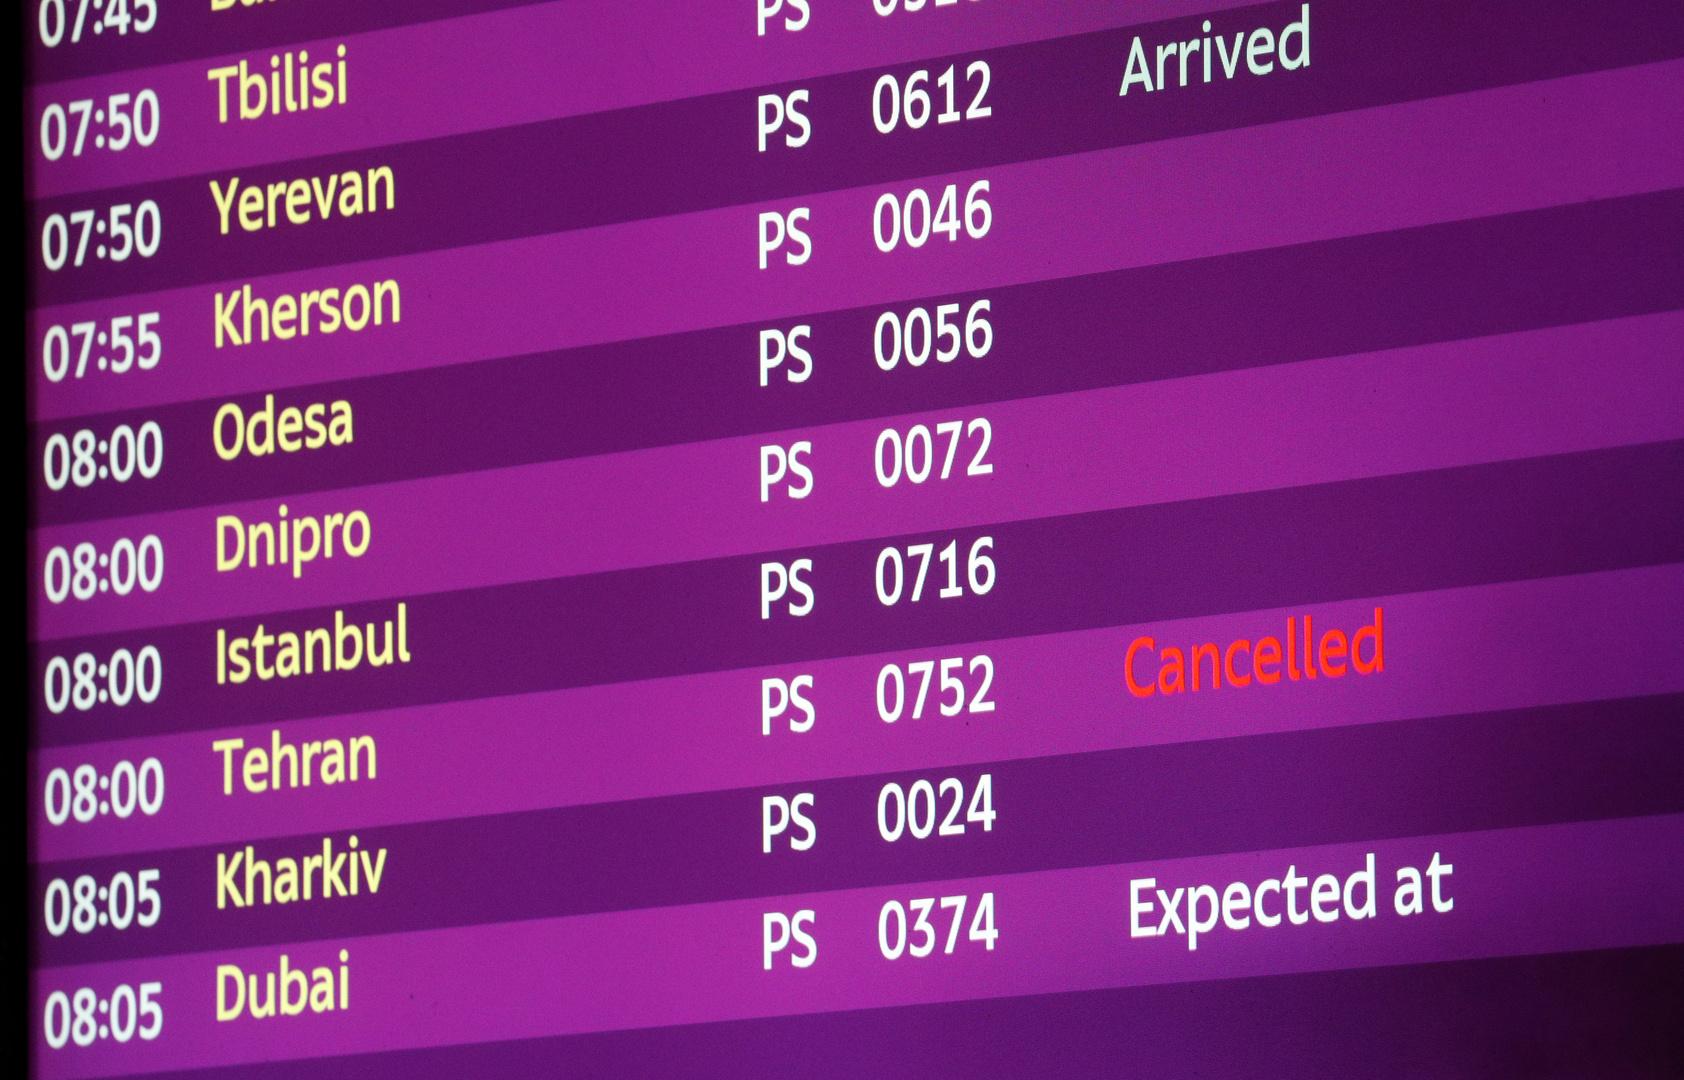 روسيا قد تستأنف الرحلات الجوية الخارجية في أغسطس